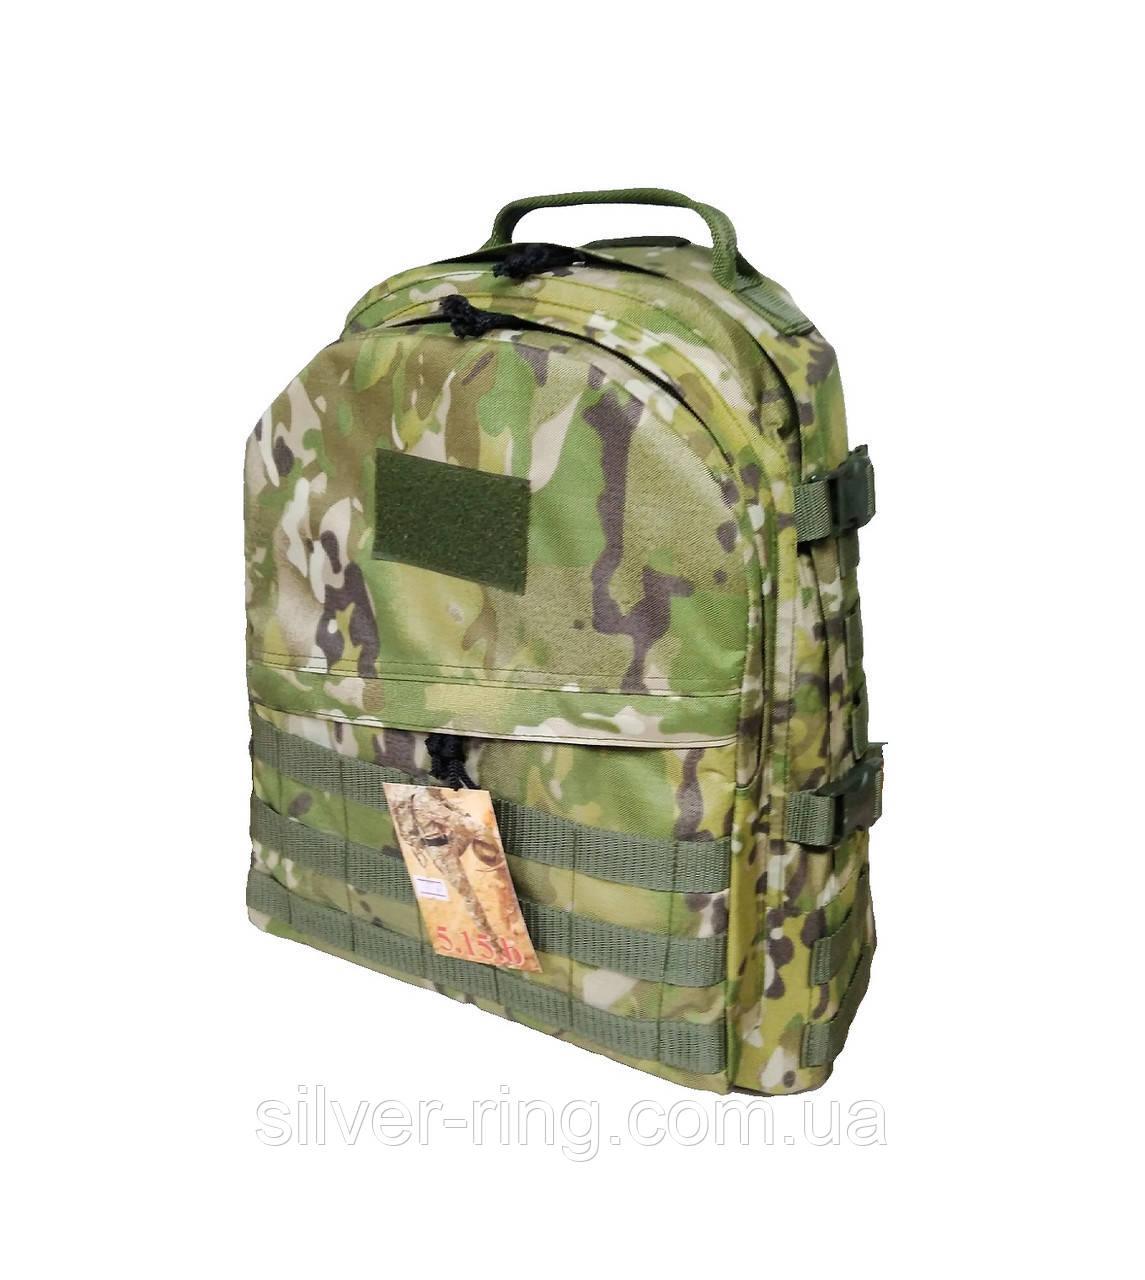 Тактический армейский крепкий рюкзак 30 литров мультикам